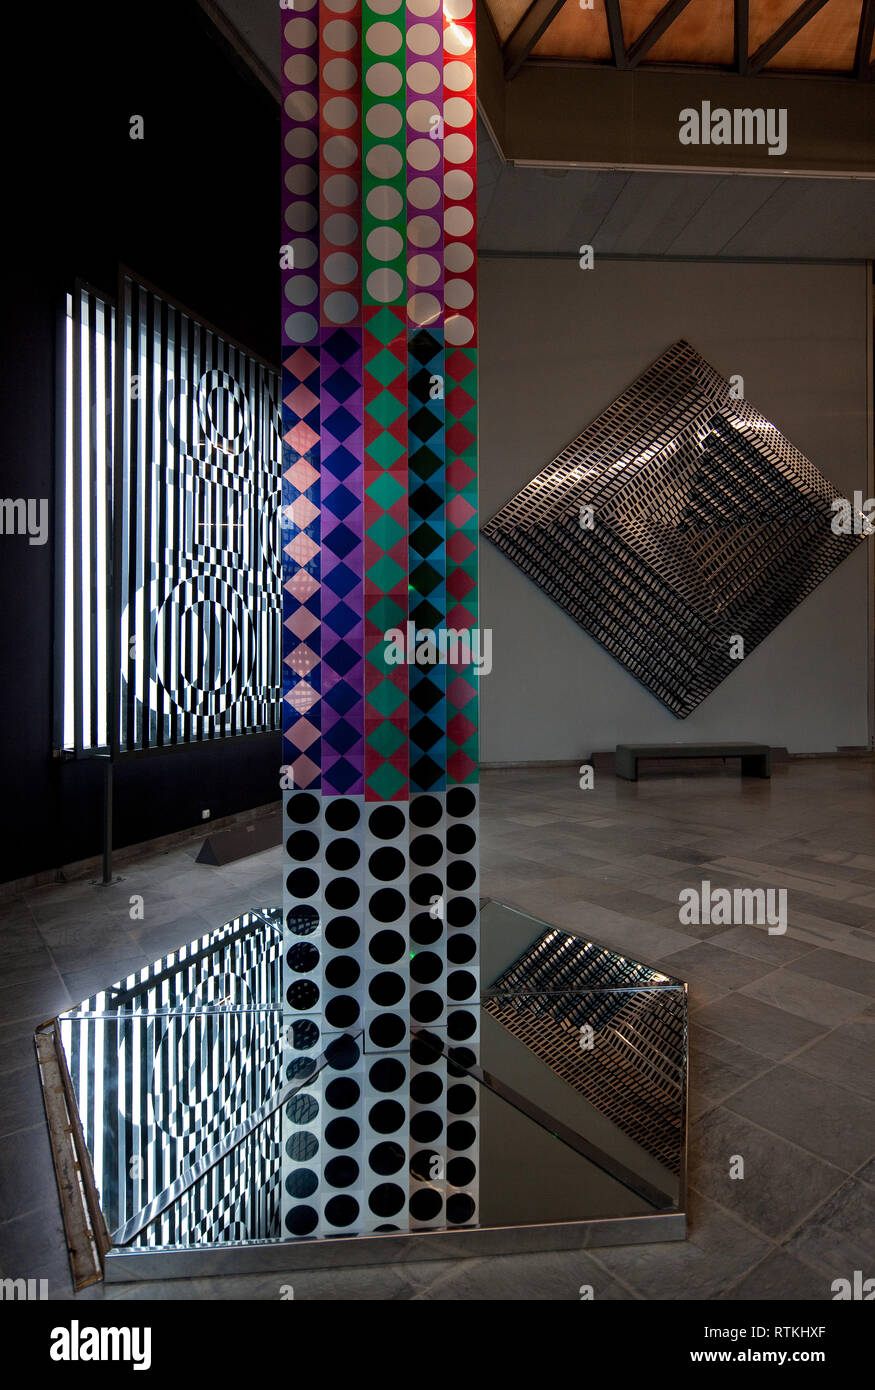 Frankr Aix-en-Provence VASARELY-Museum 60955 Op-Art - Lichtinstallationen und Glas- bzw Spiegelobjekte um 1975 rechts Wandinstallation Obj Nr 115 - Stock Image